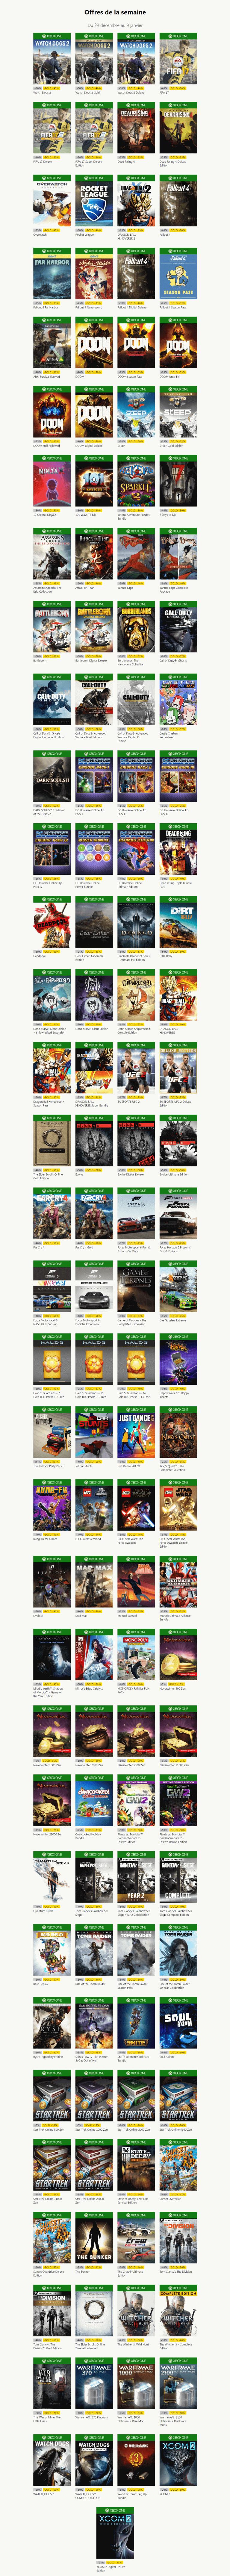 Marché Xbox Live: les soldes de fin d'année 2016 - deuxième partie